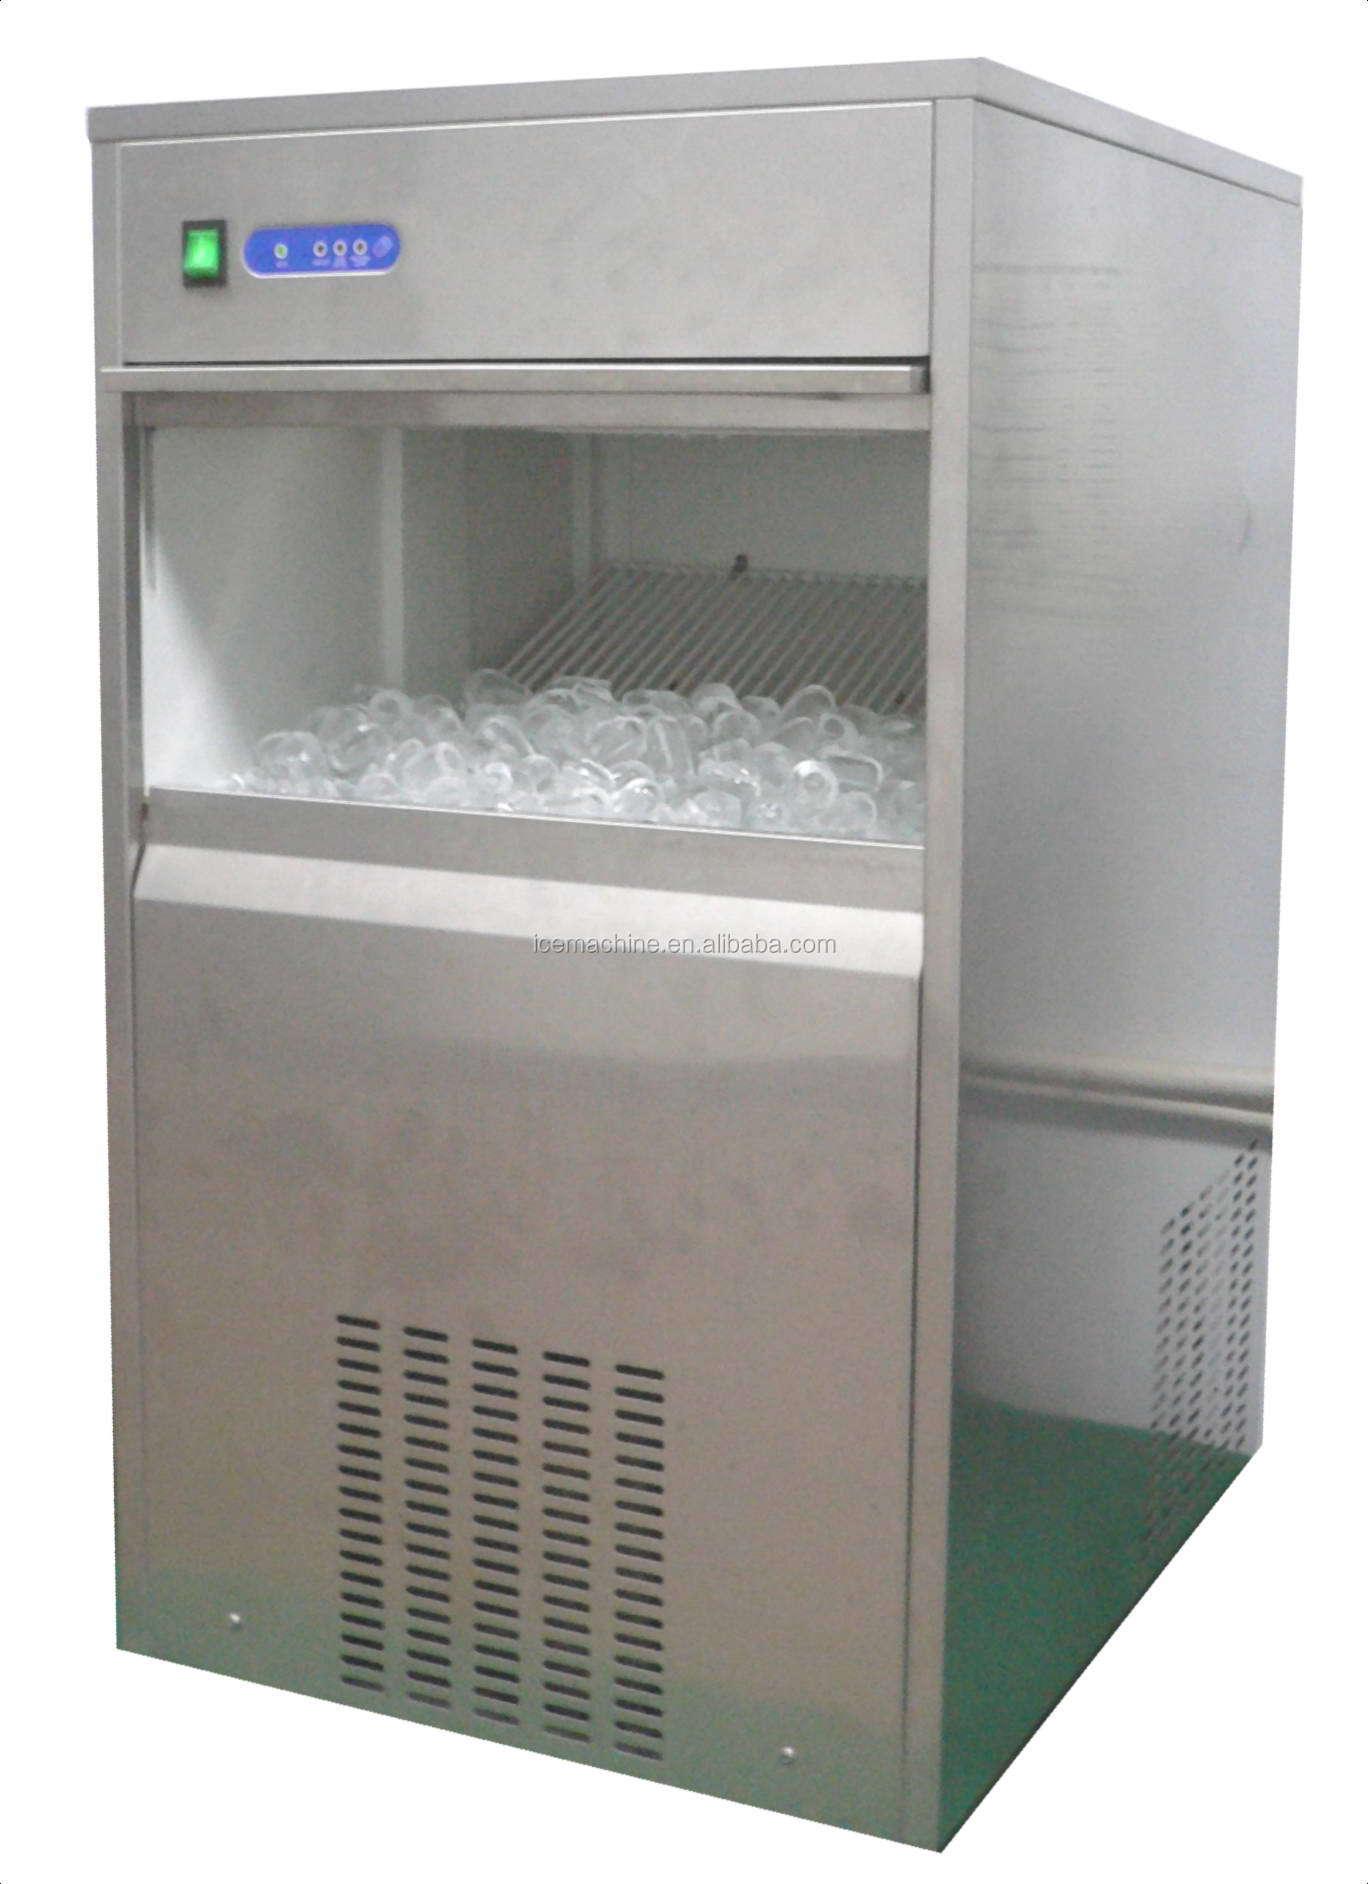 Zb 50 eismaschine maschine eismaschine produkt id for Kühlschrank eismaschine